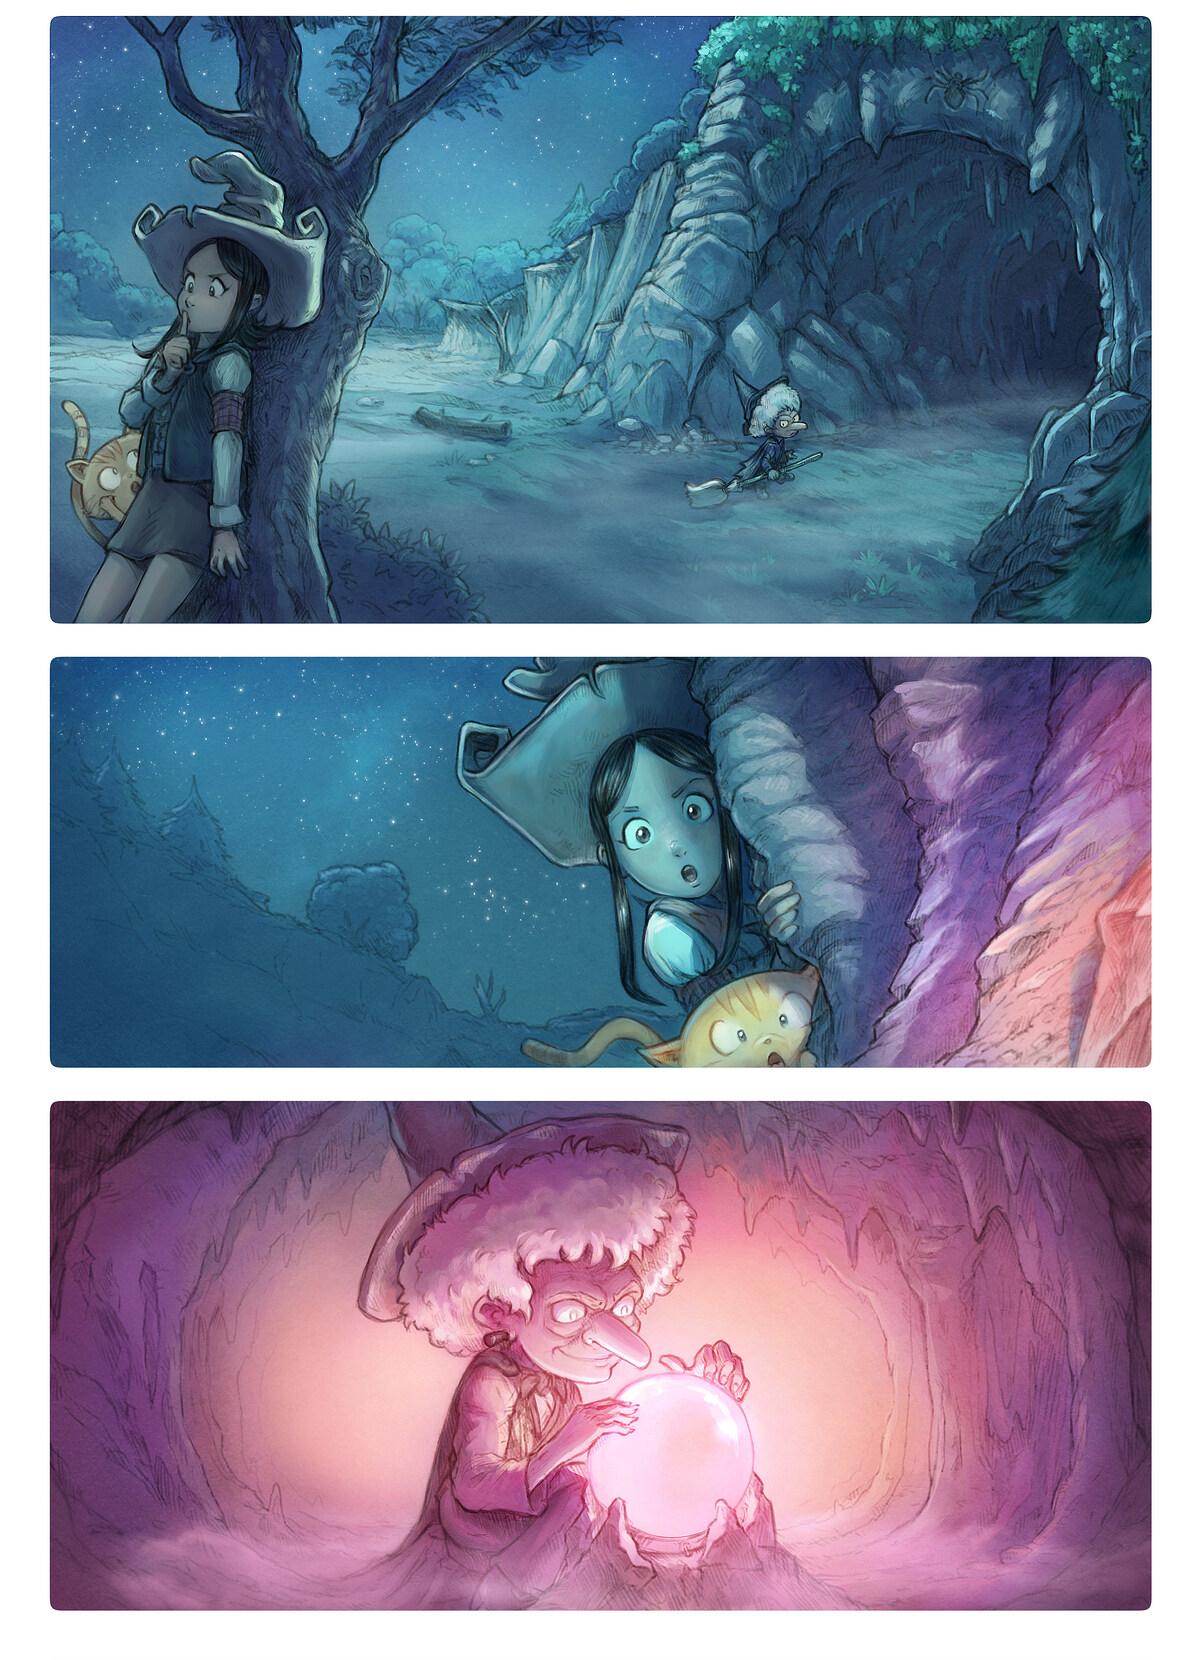 第15集:水晶球, Page 1